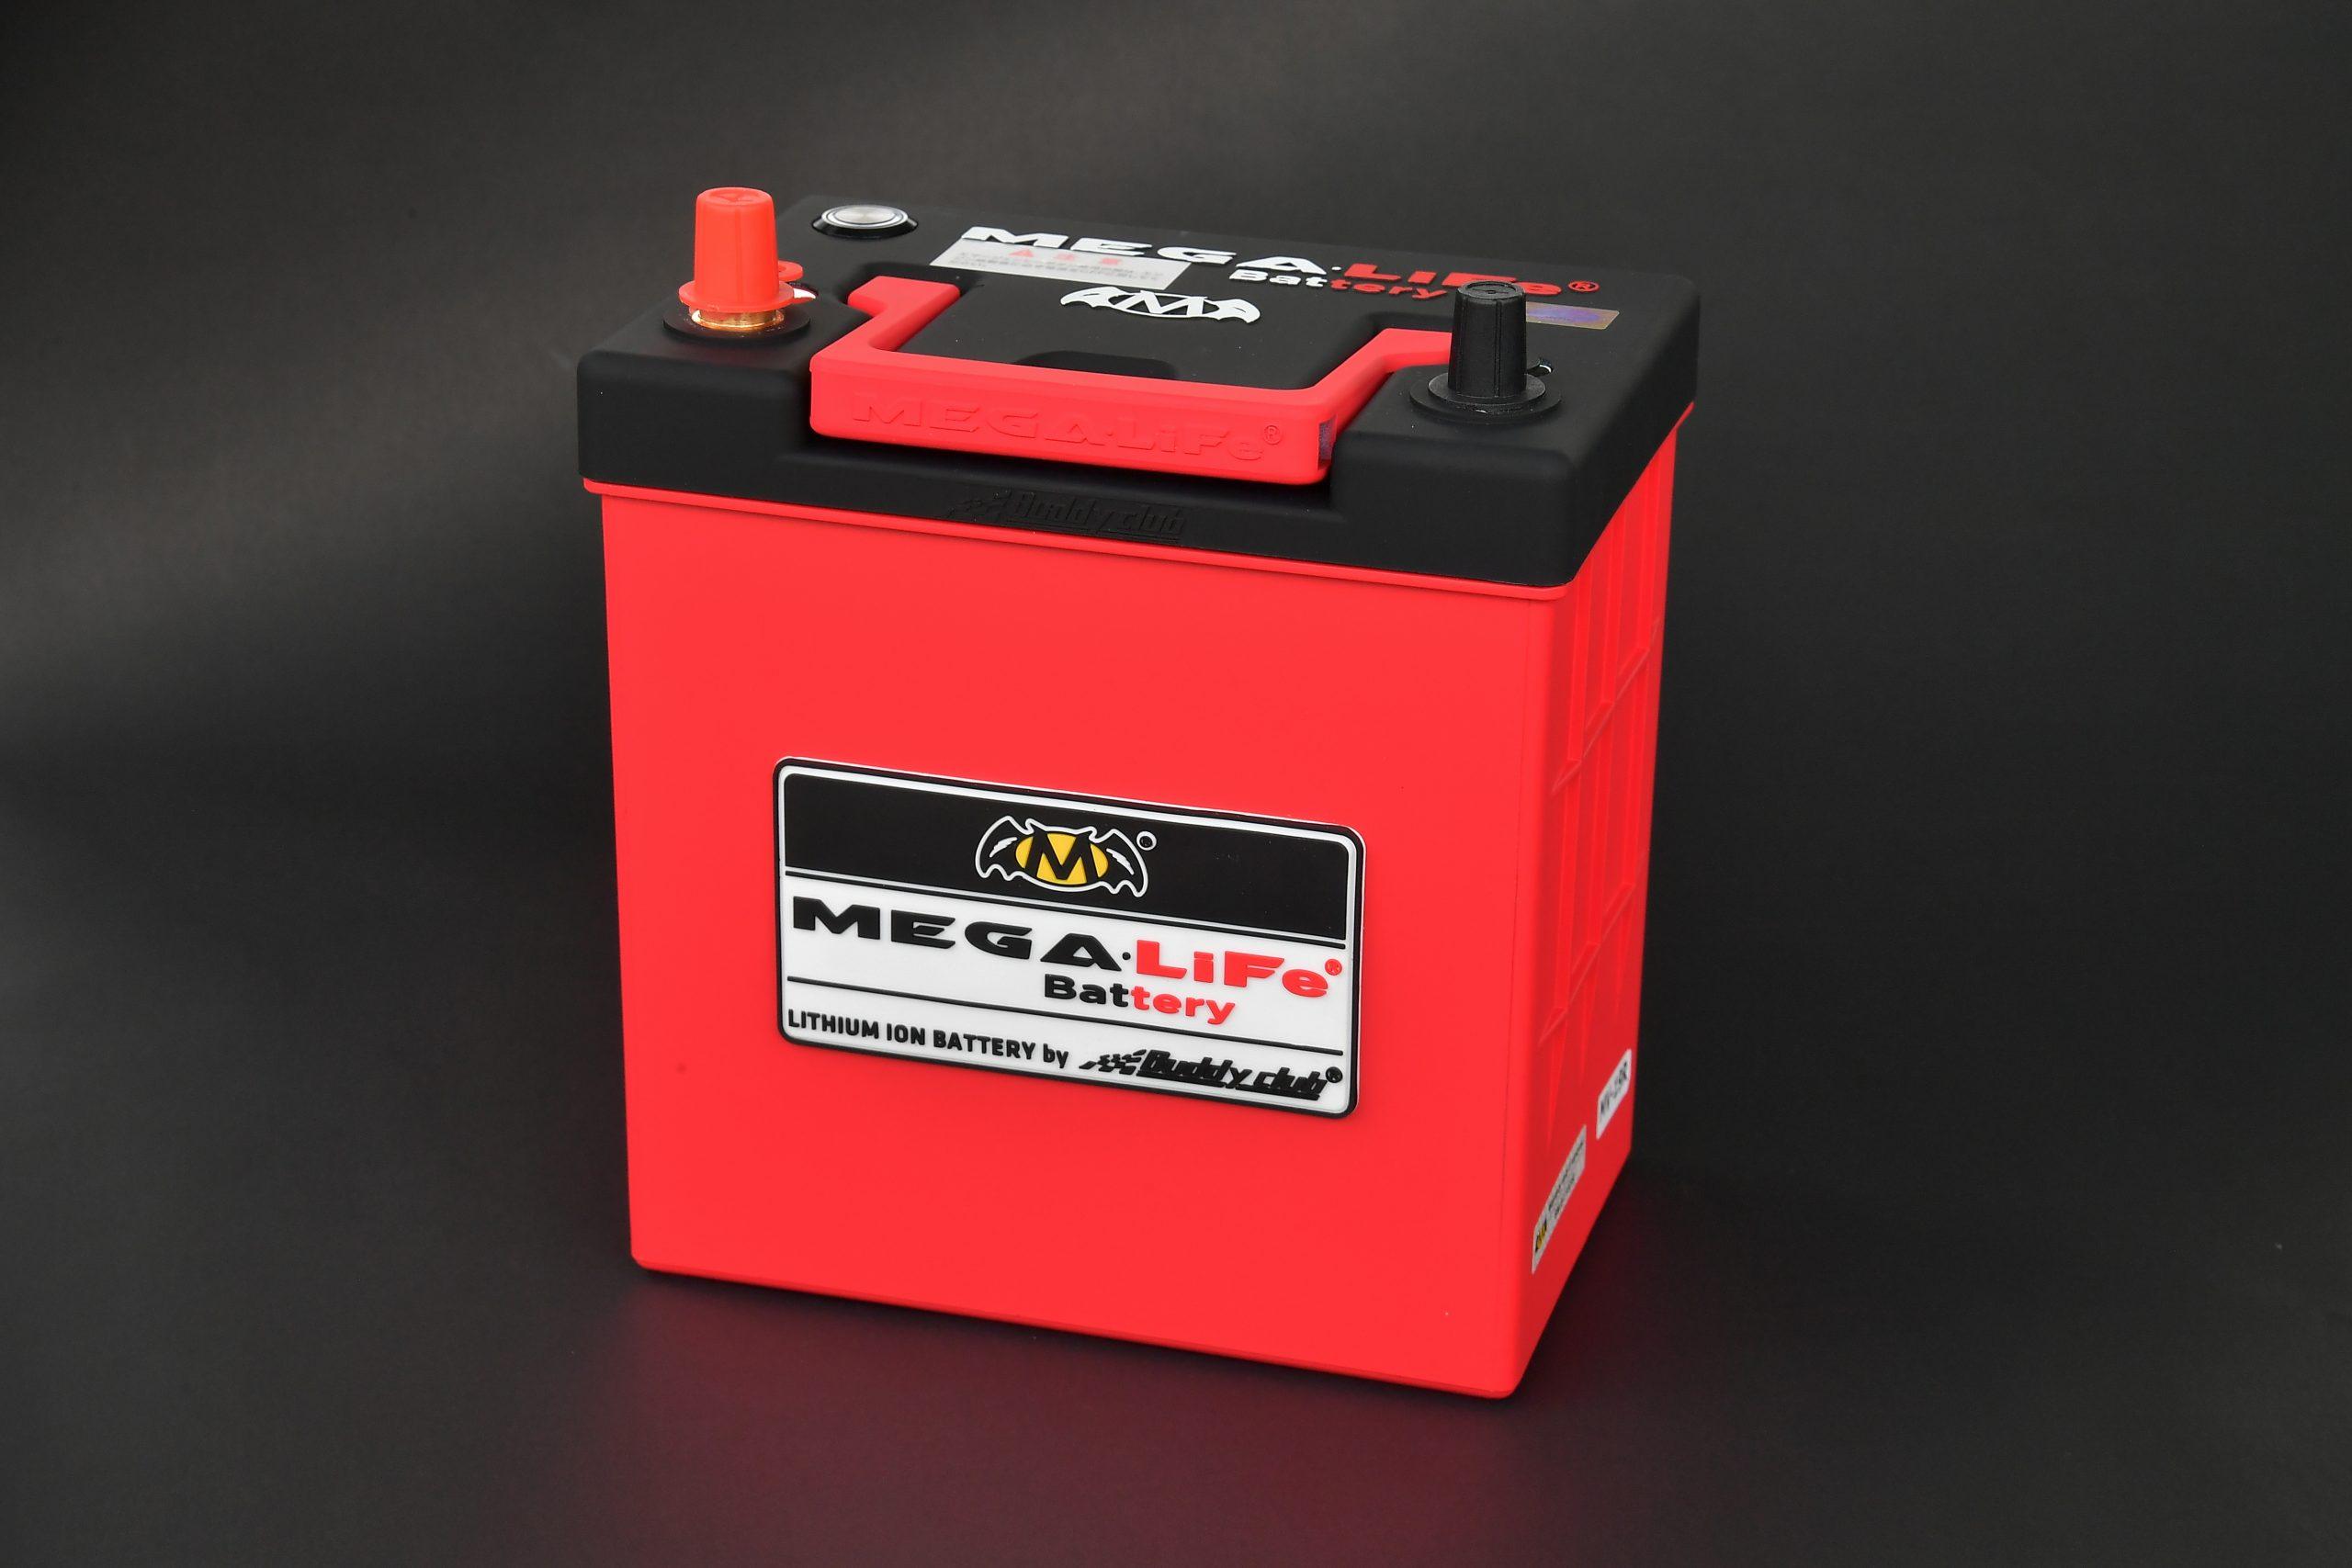 高い安全性のリチウムフェライトを採用!軽量化とロングライフは大きな恩恵『MEGA.LiFe Battery MV-19R』